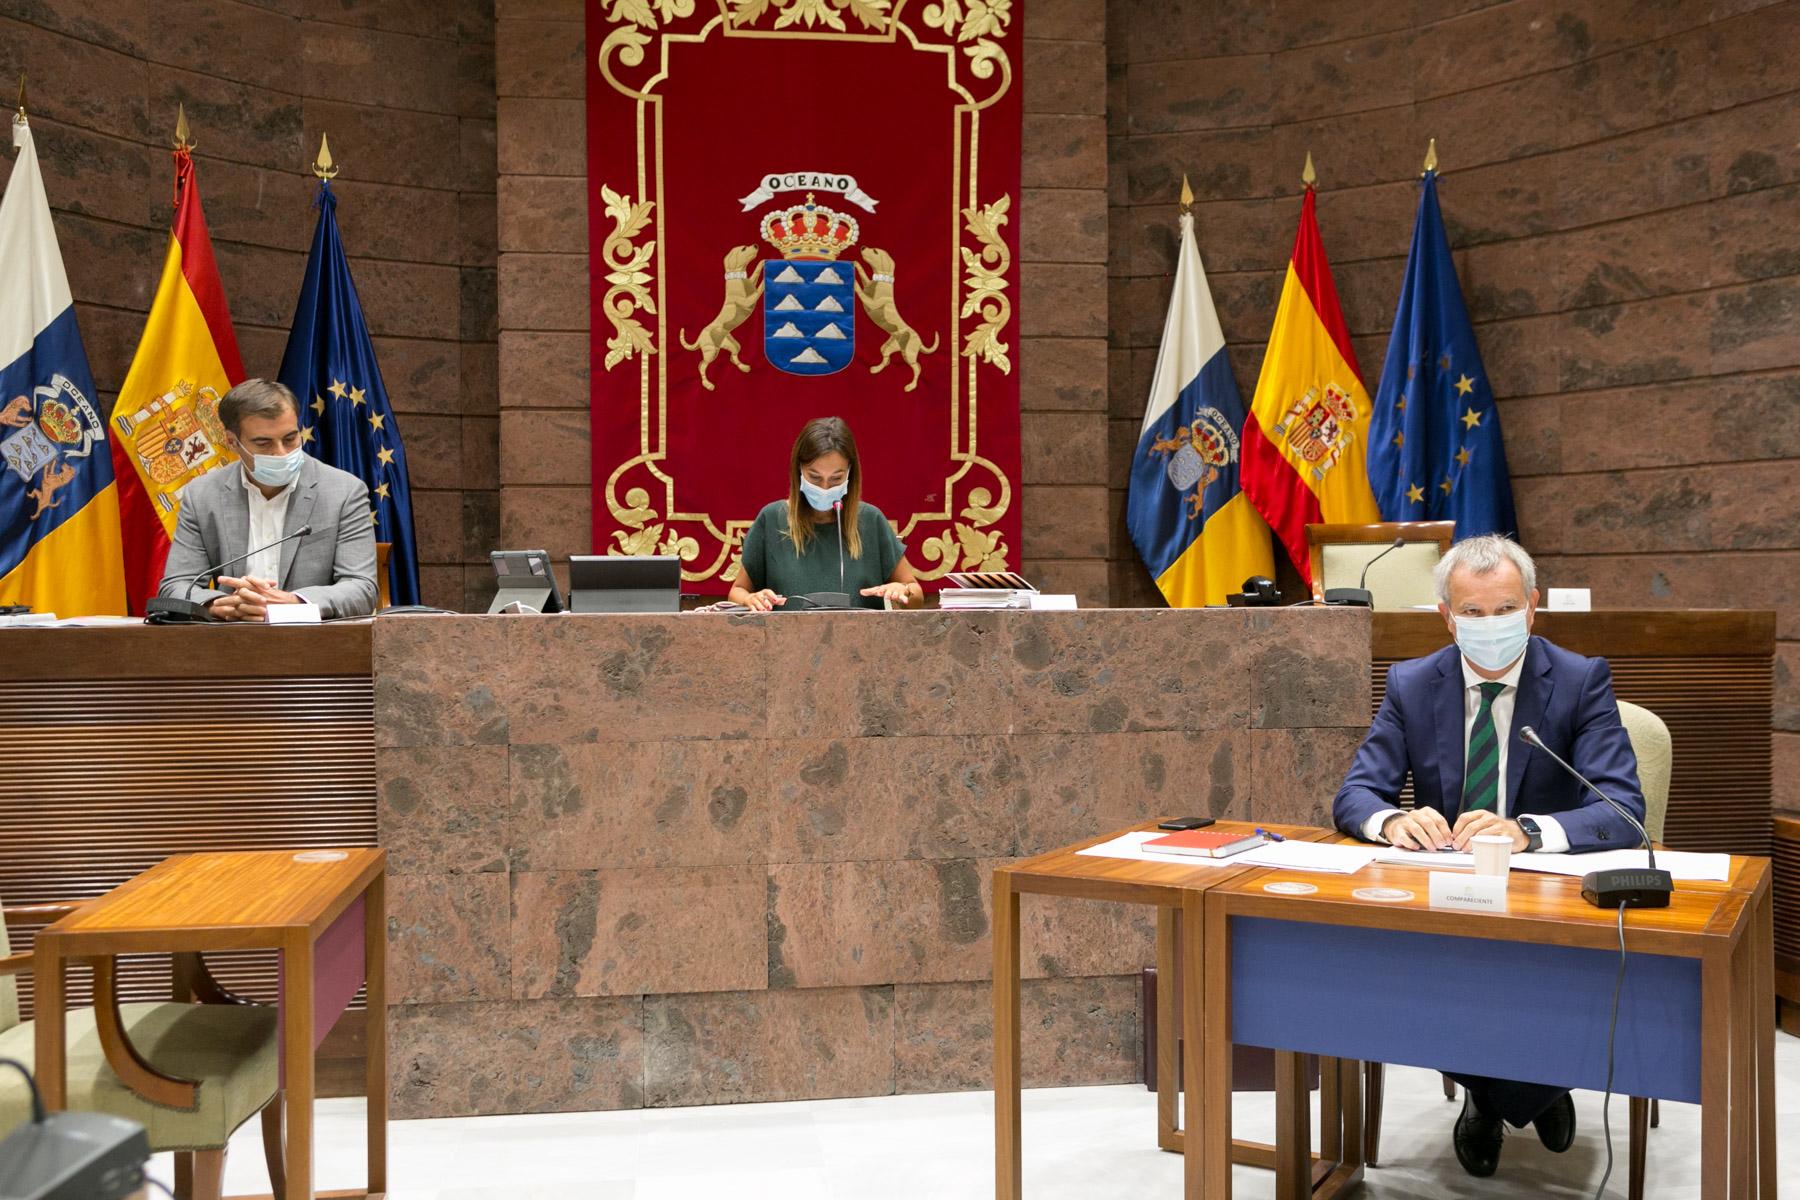 La Consejería invierte más de 250 millones de euros en adjudicar obras y conceder subvenciones en estos ocho meses